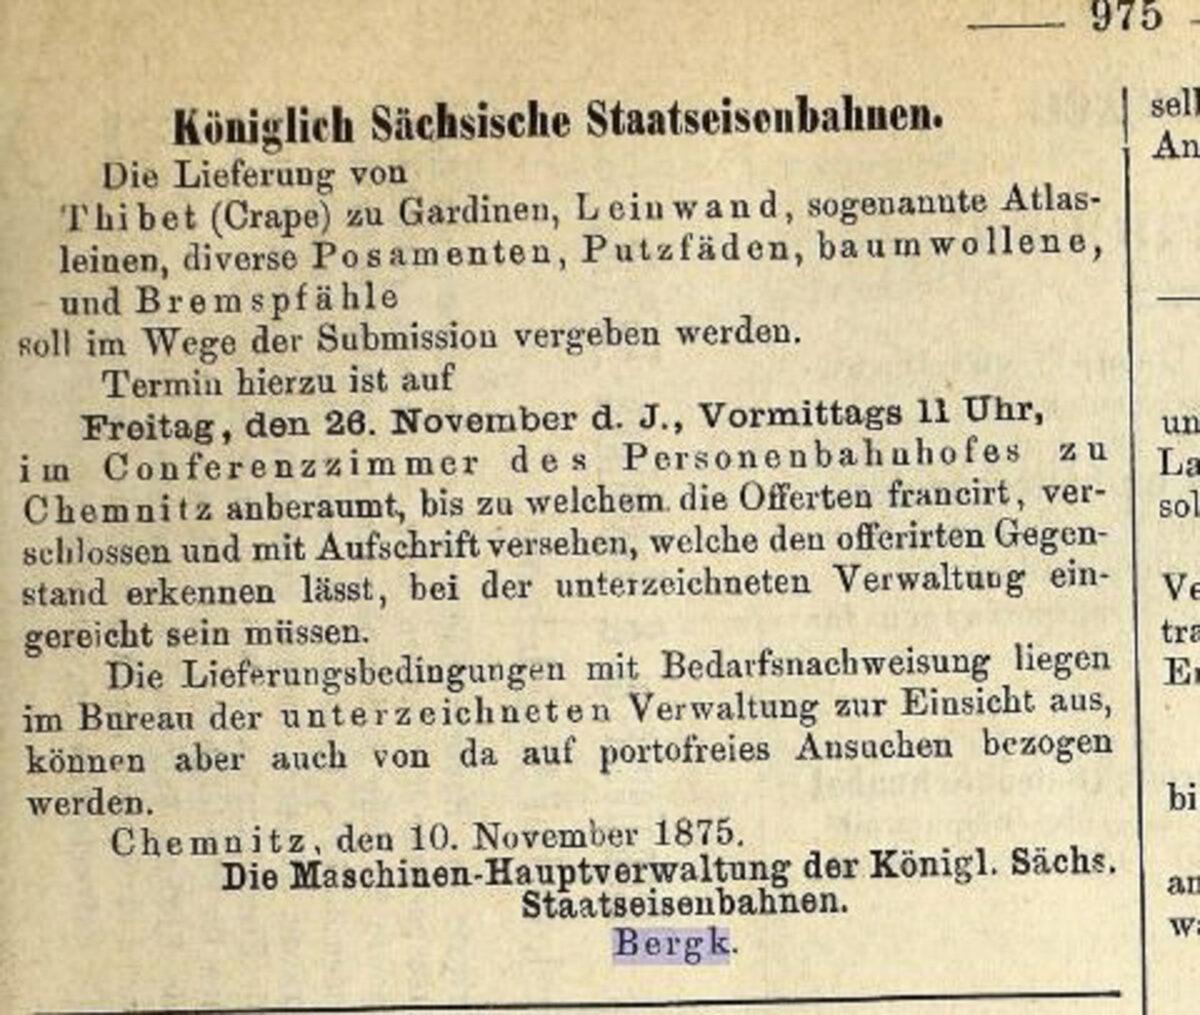 Zeitung des Vereins Deutscher Eisenbahn Verwaltungen 02.07.1875 G / 20200308183437